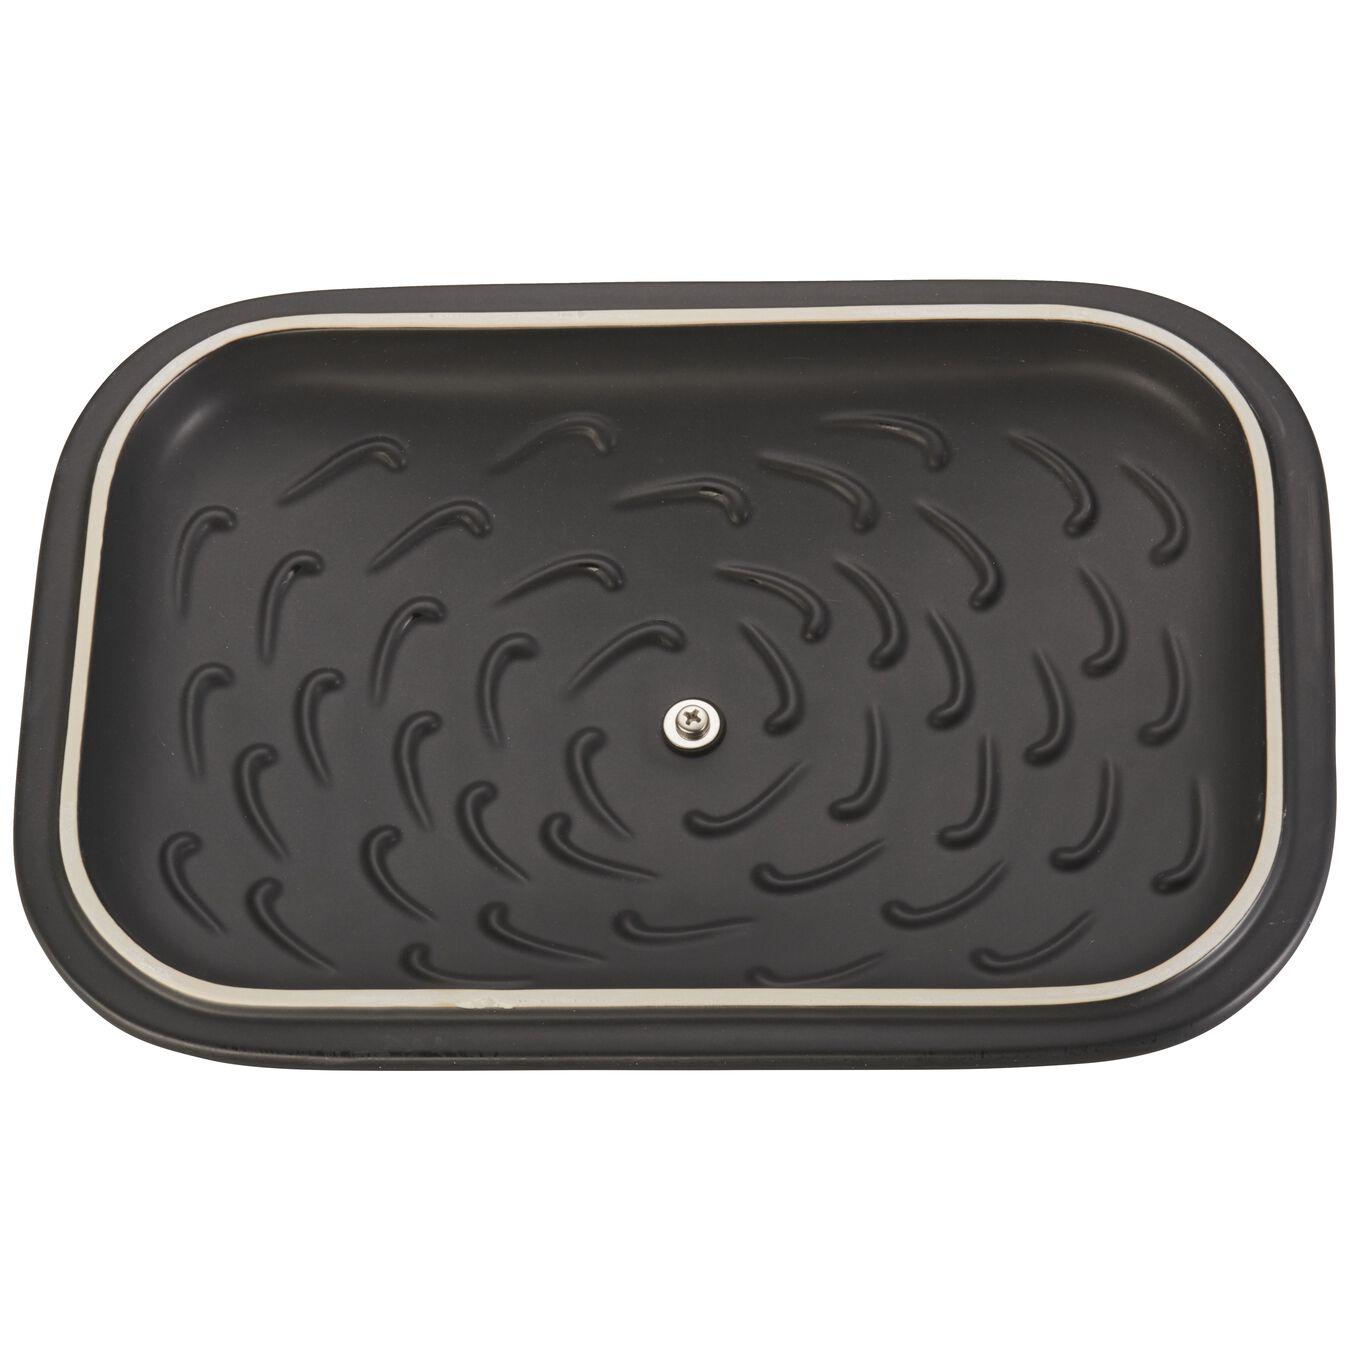 Ceramic rectangular Moules de forme spéciale, Black,,large 5